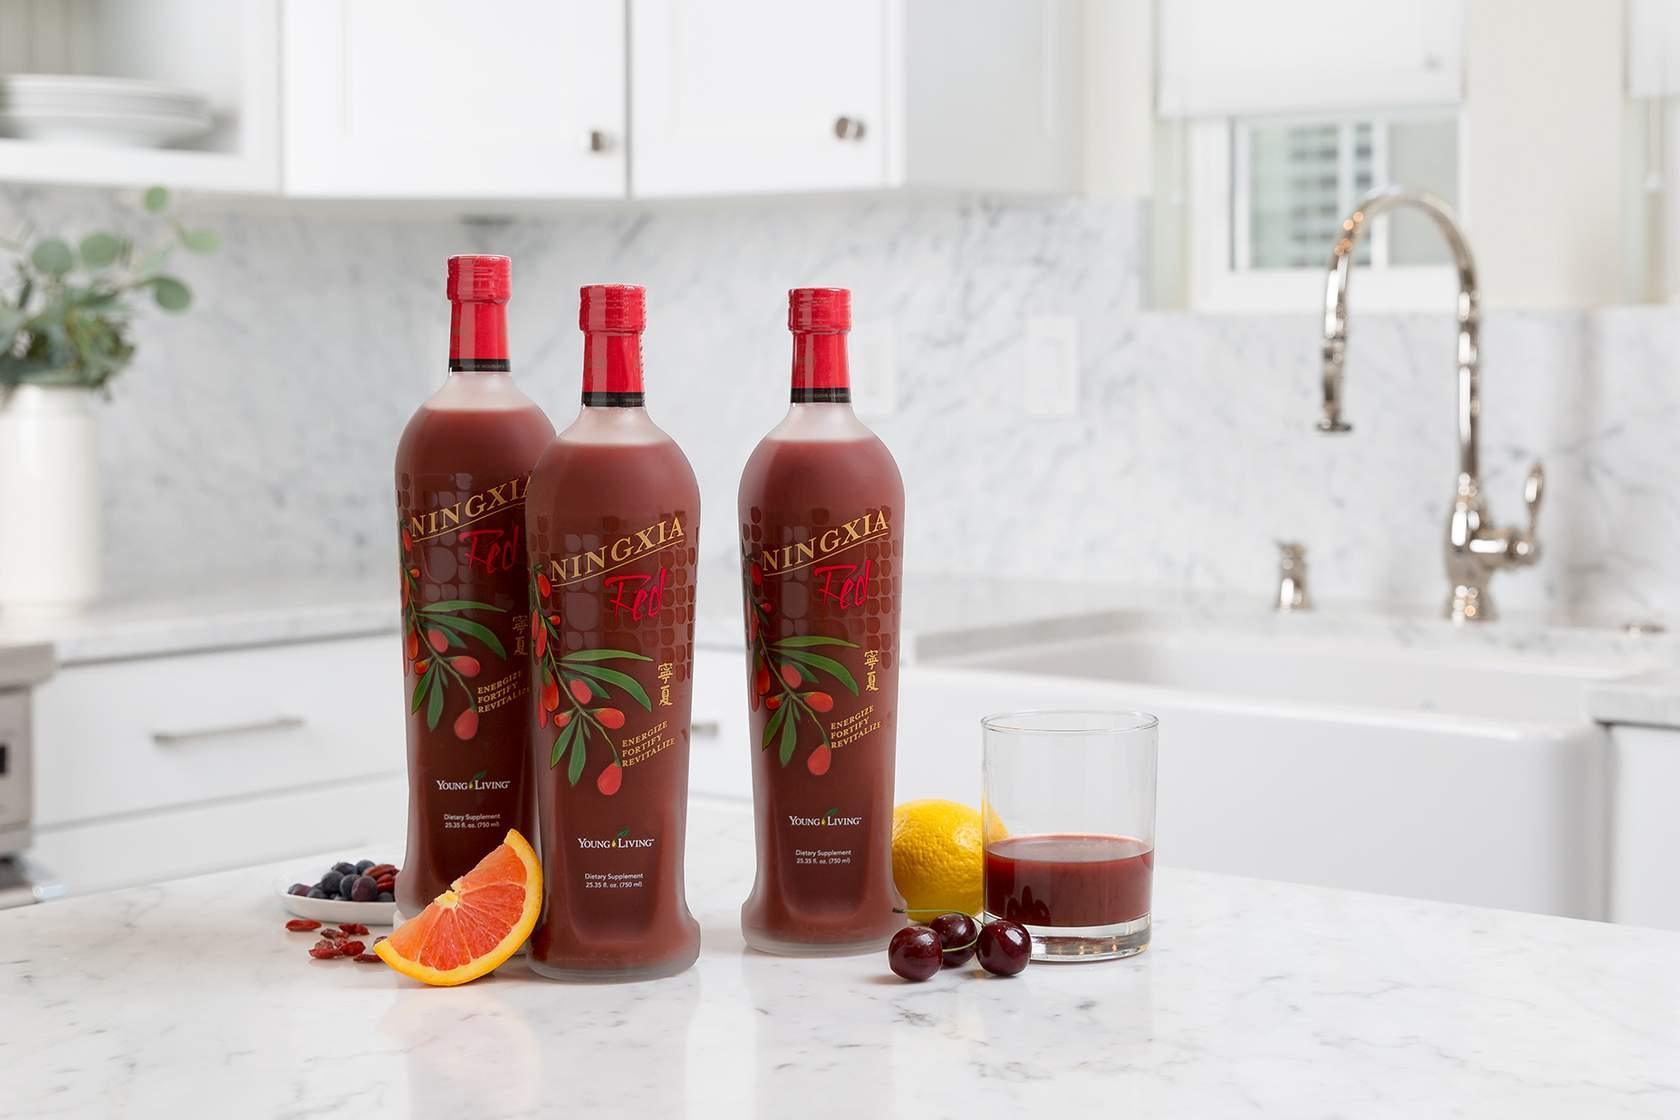 Tres botellas de NingXia Red y un vaso de NingXia